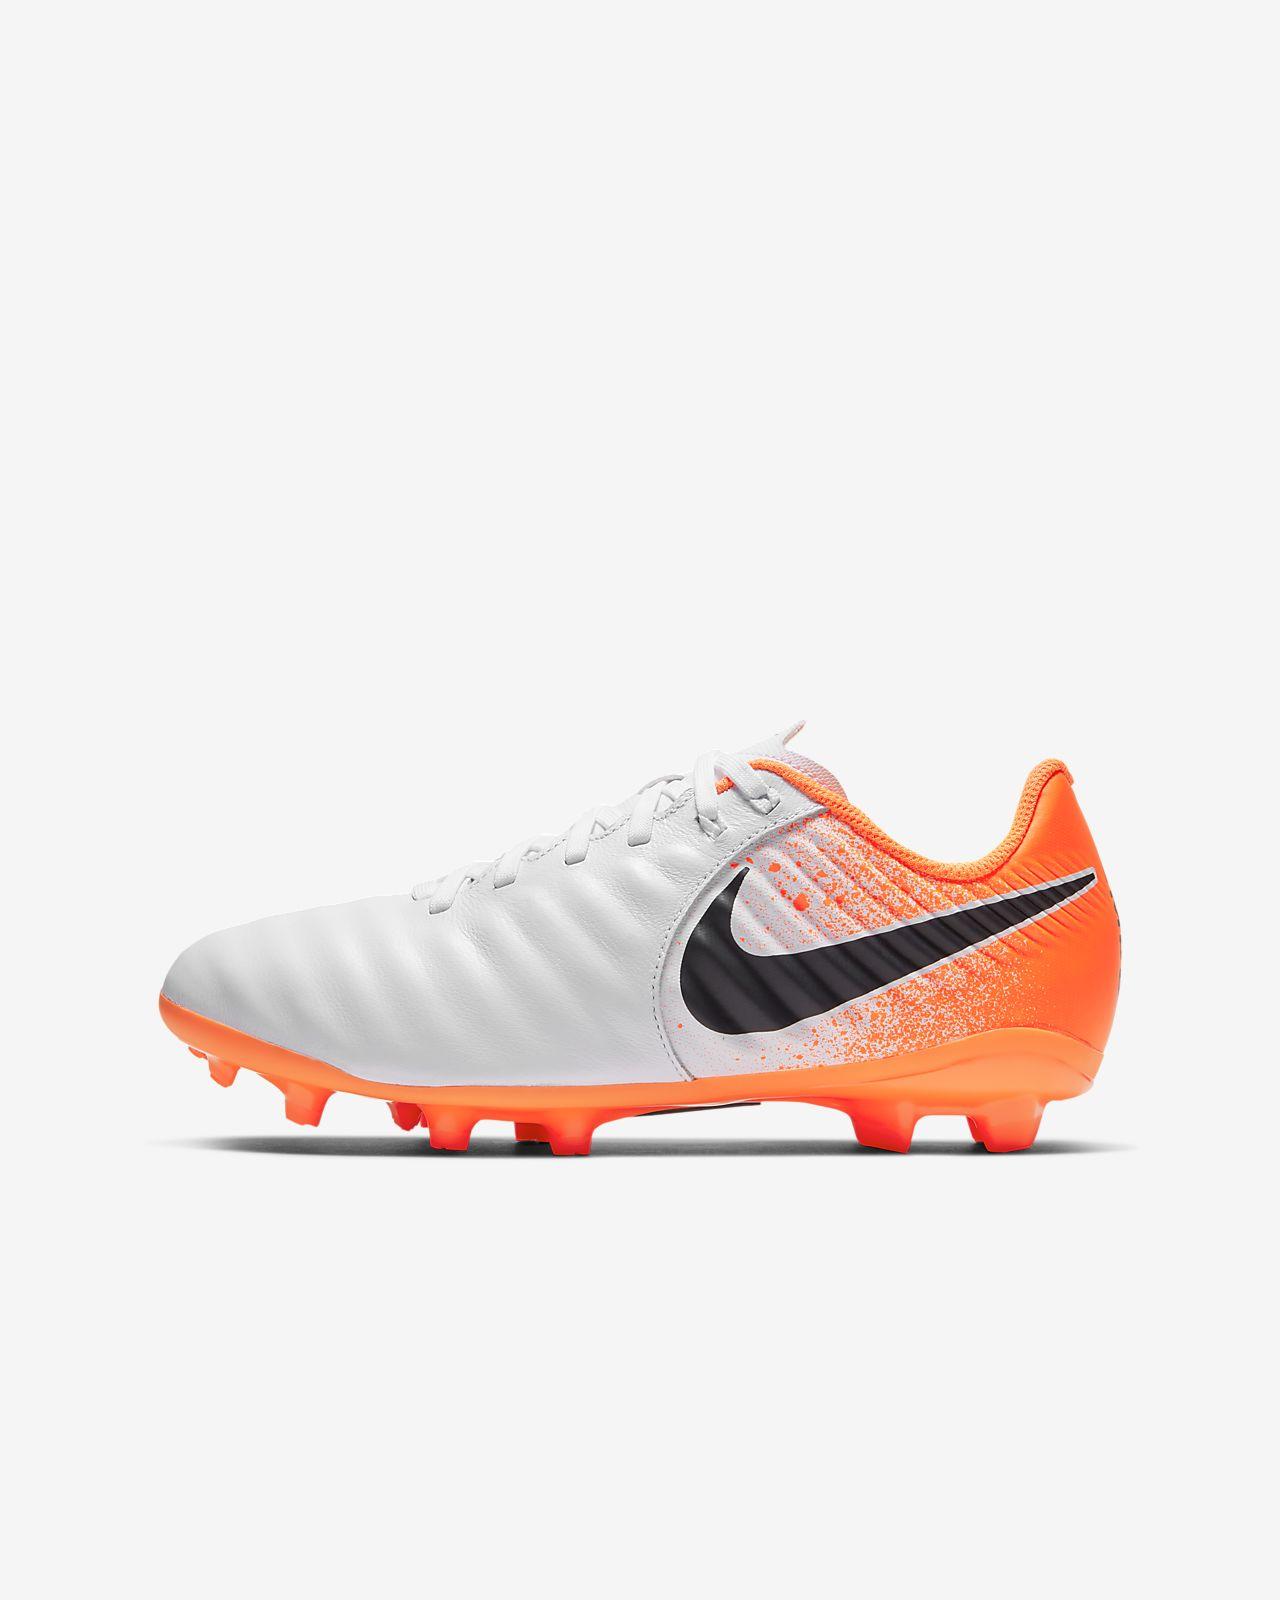 cheaper ecd74 40fe2 Fotbollssko för gräs Nike Jr. Legend 7 Academy FG för barn ungdom